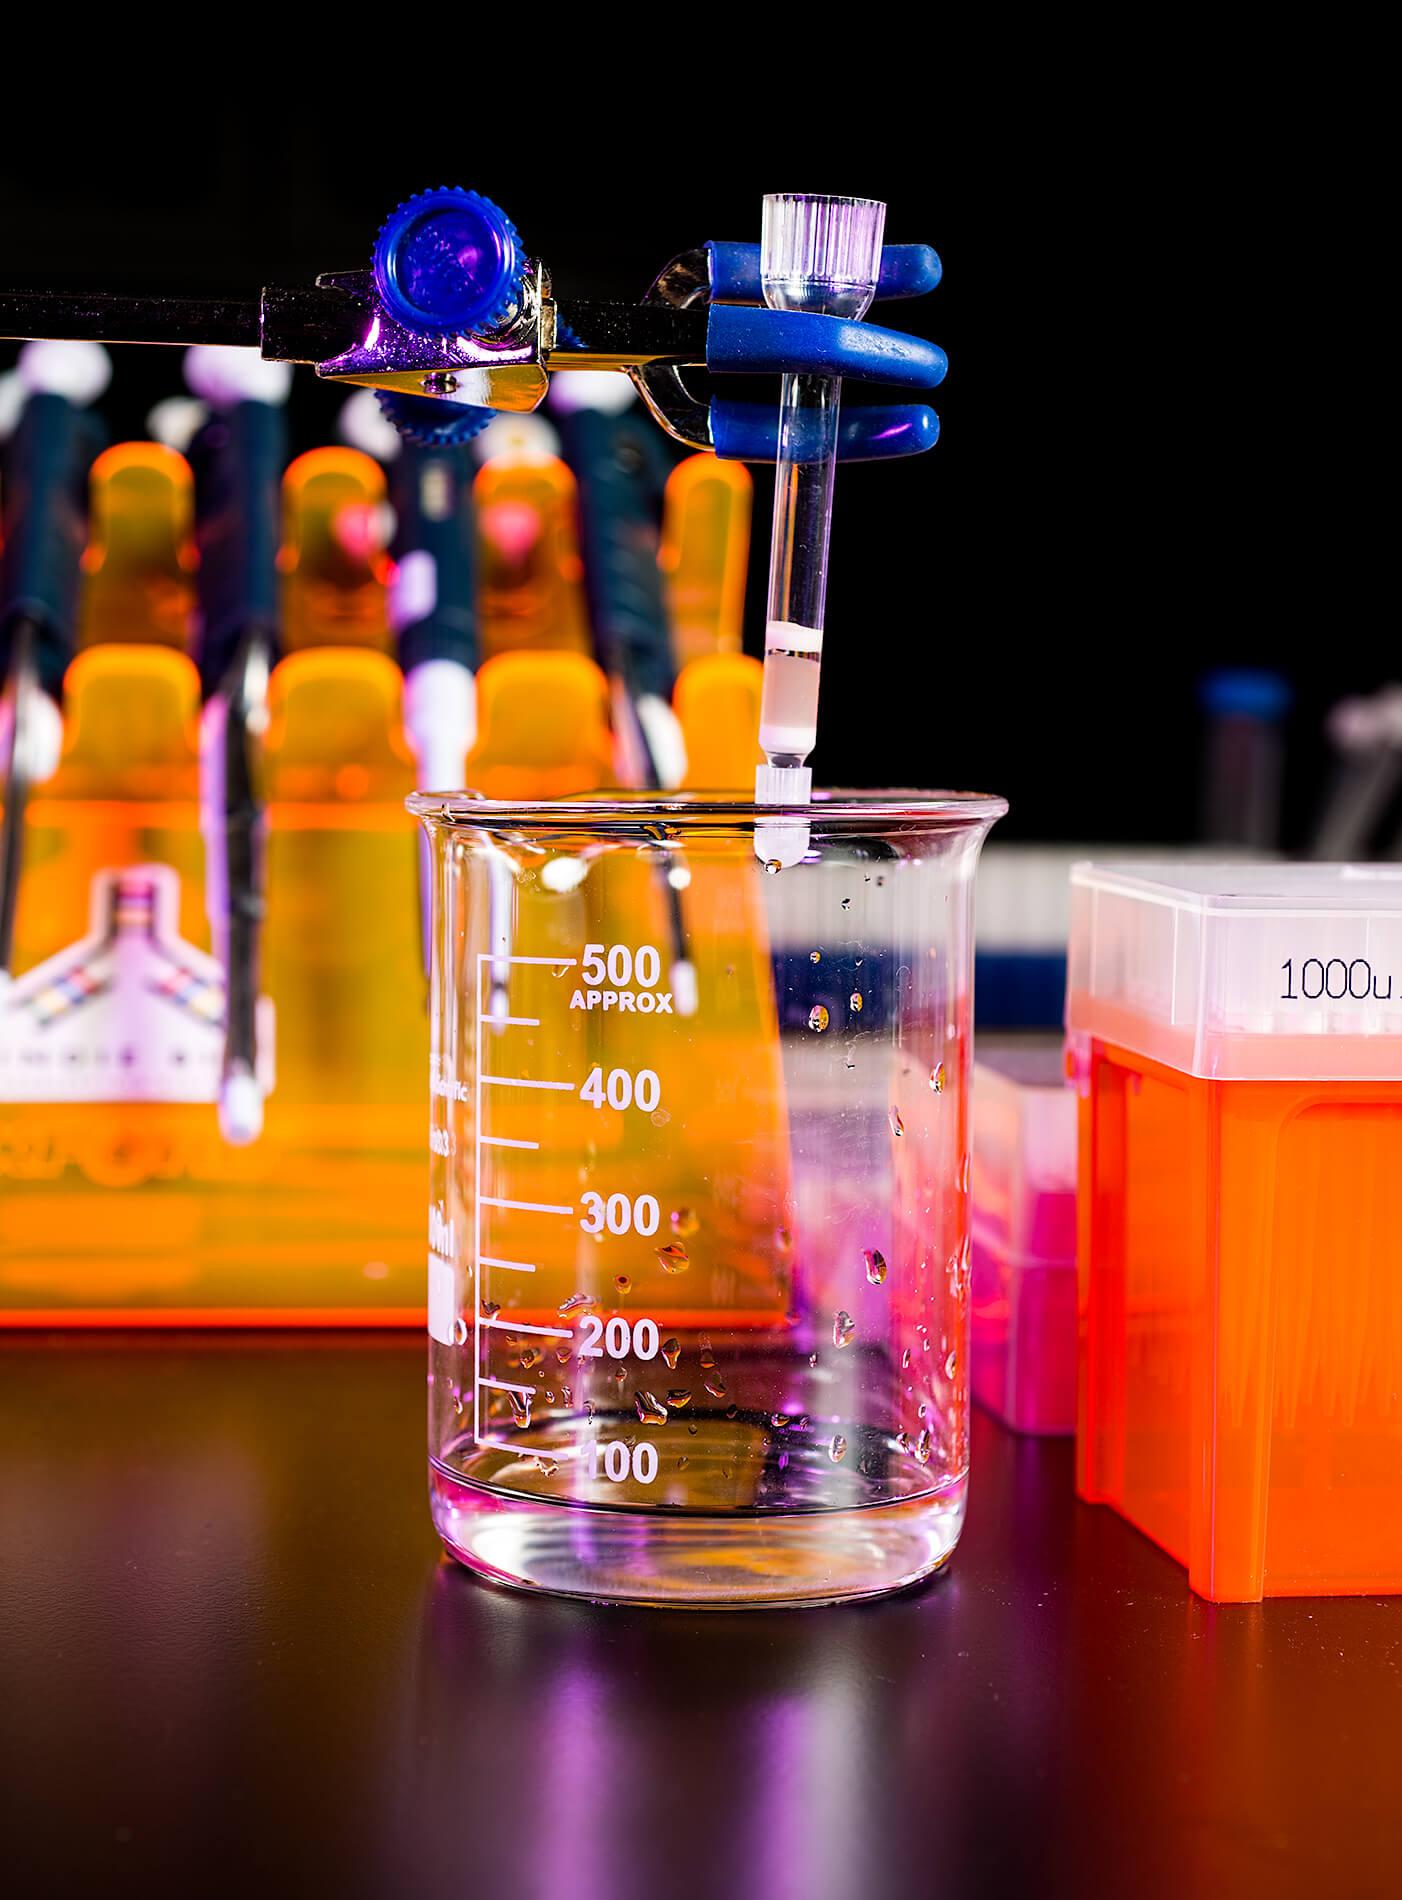 Beaker and lab equipment